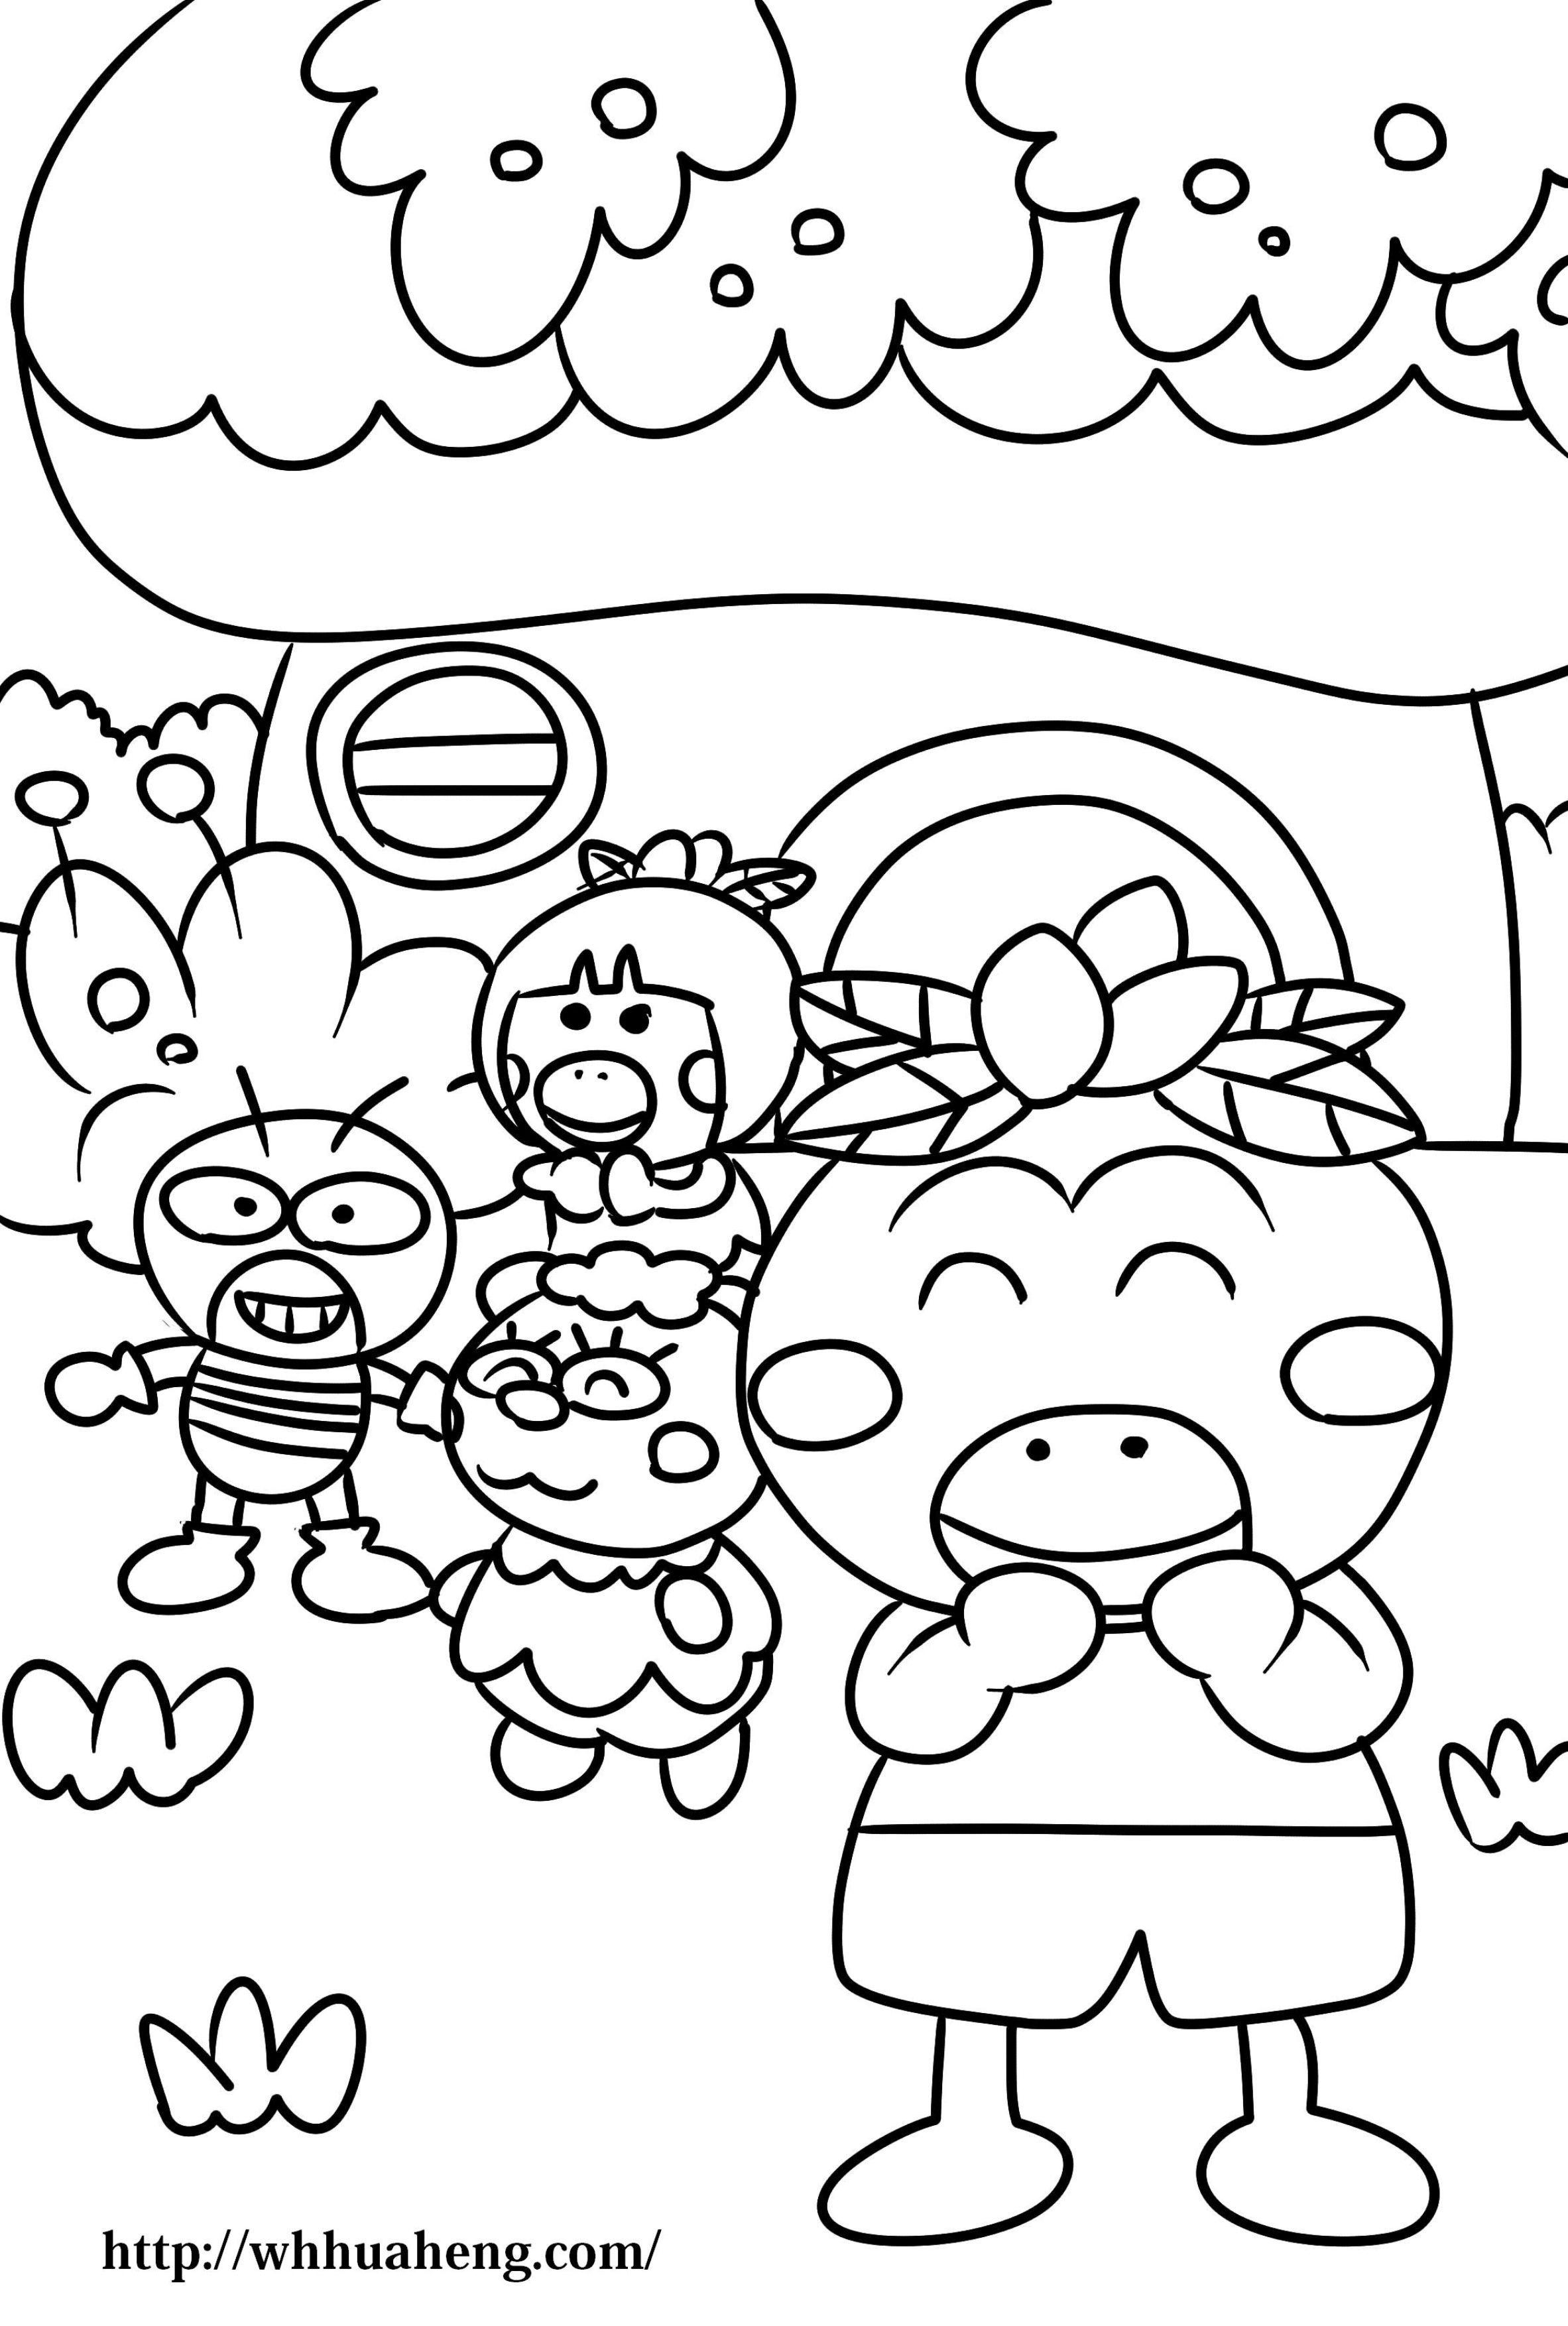 無料の印刷用ぬりえページ 最新 塗り絵 無料ダウンロード Pokemon Art Character